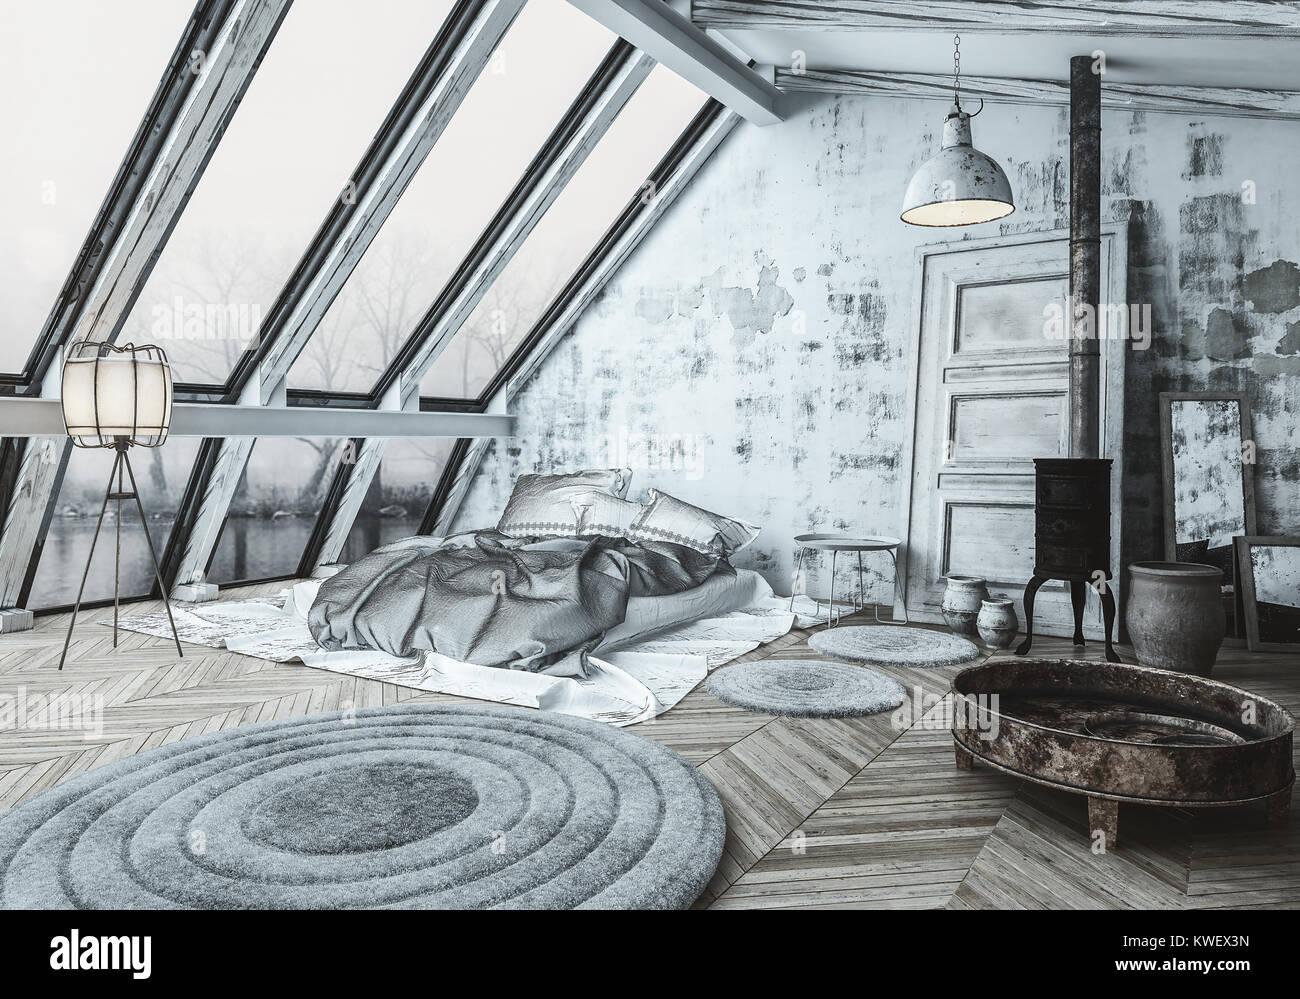 Stufe Per Camere Da Letto.Accogliente Stile Scandinavo Camera Da Letto Con Un Bruciatore Di